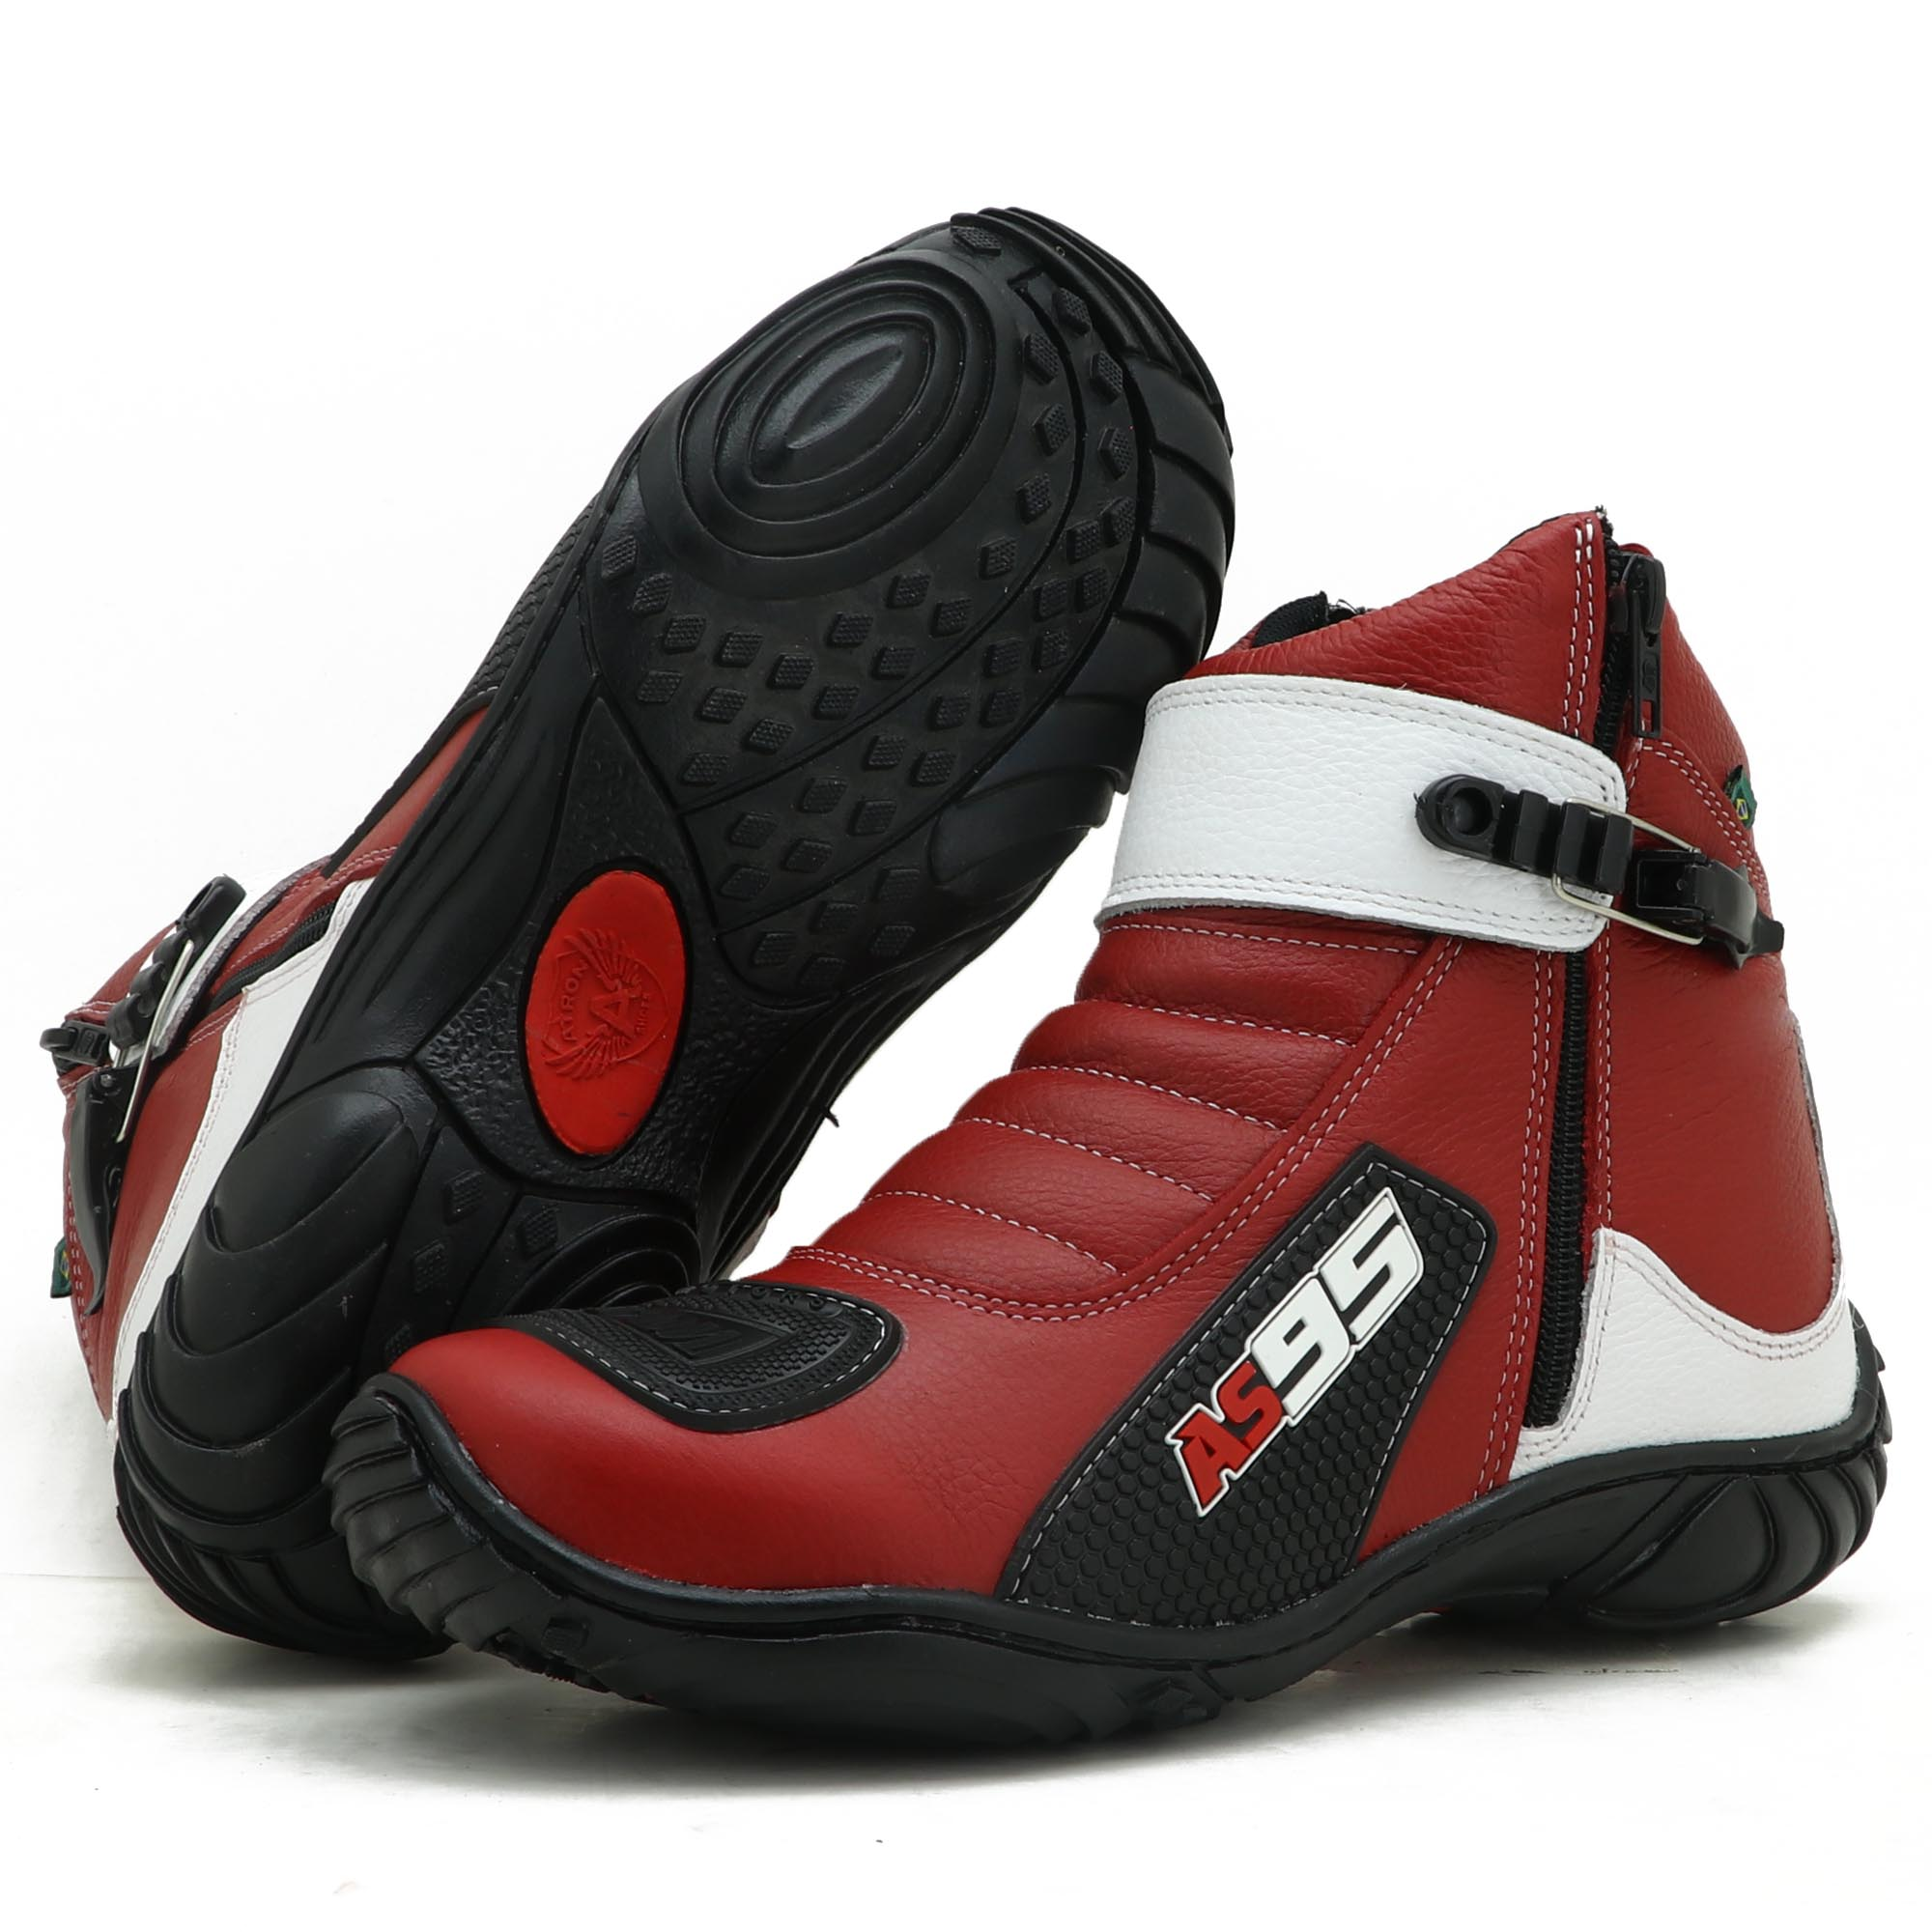 Bota Motociclista AS95 De couro legítimo nas cores vermelho com branco 095